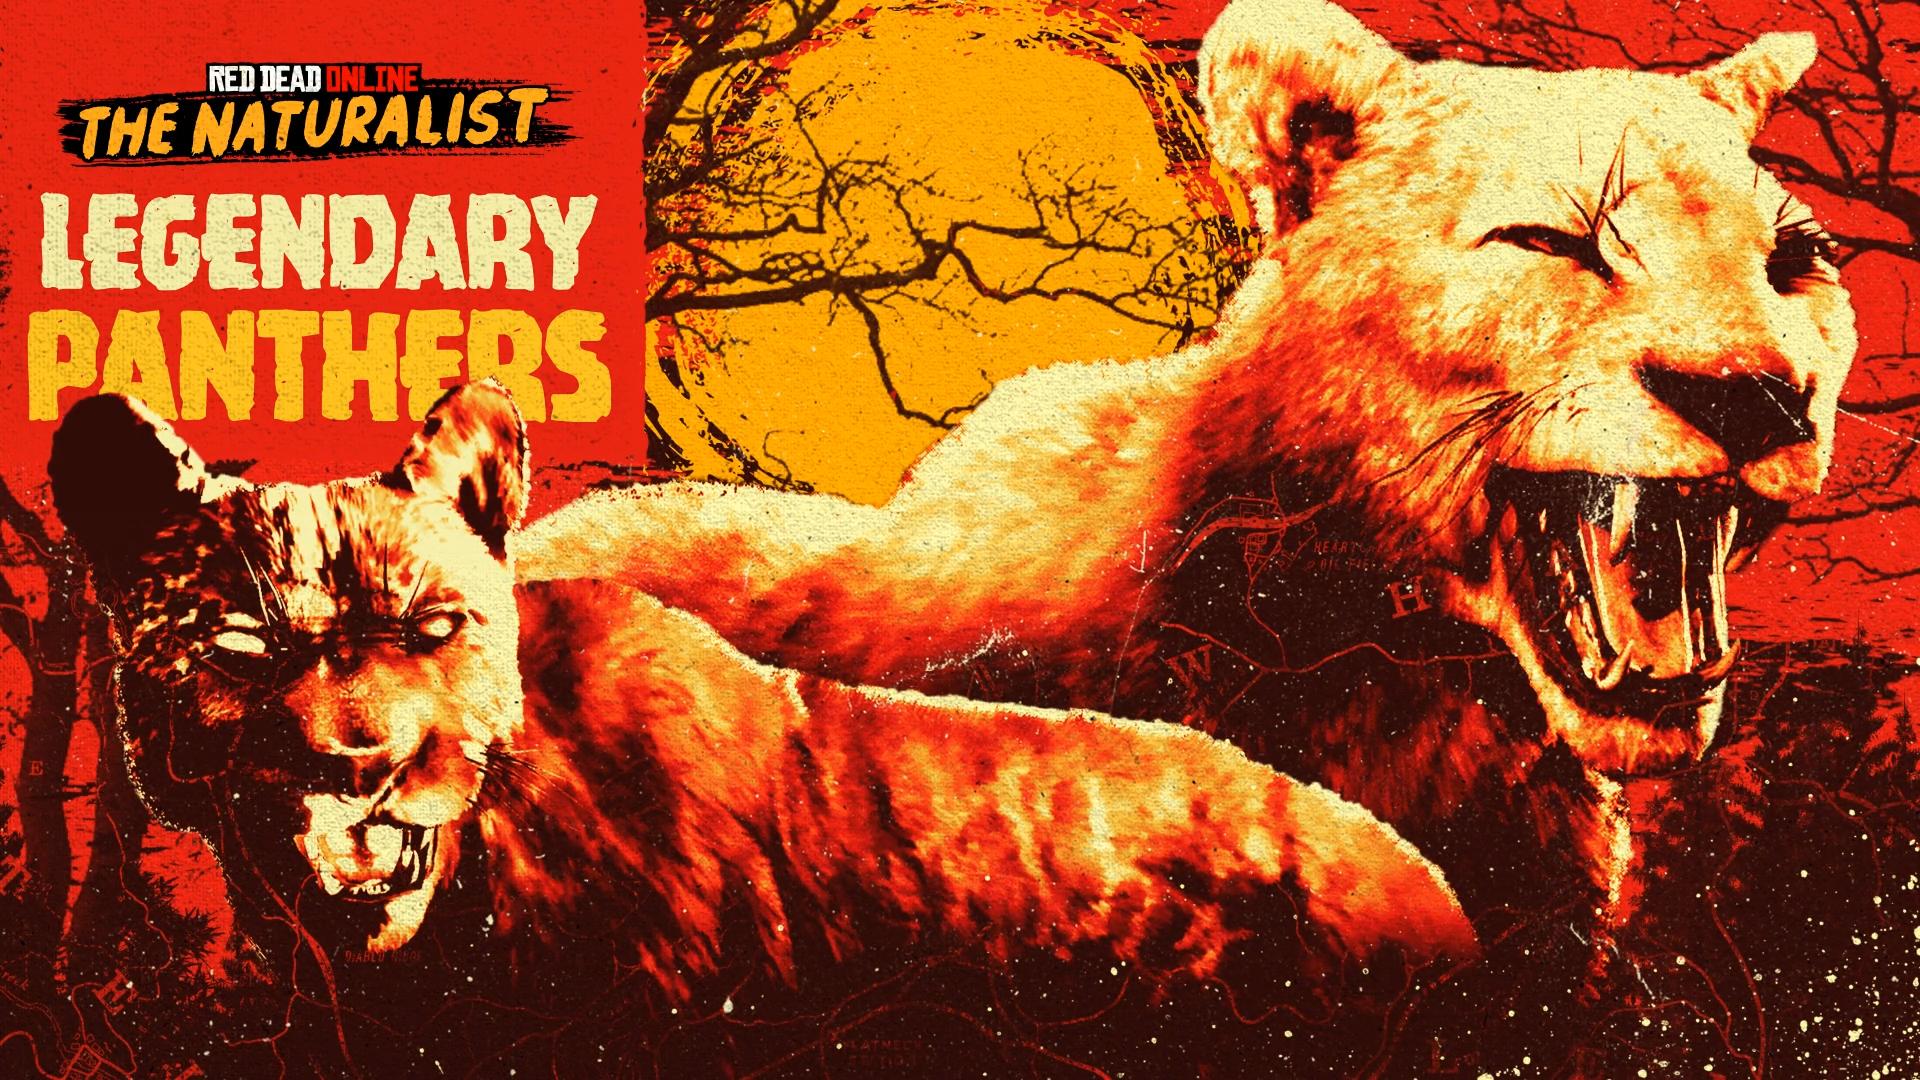 red-dead-online-artwork-58-hd.jpg